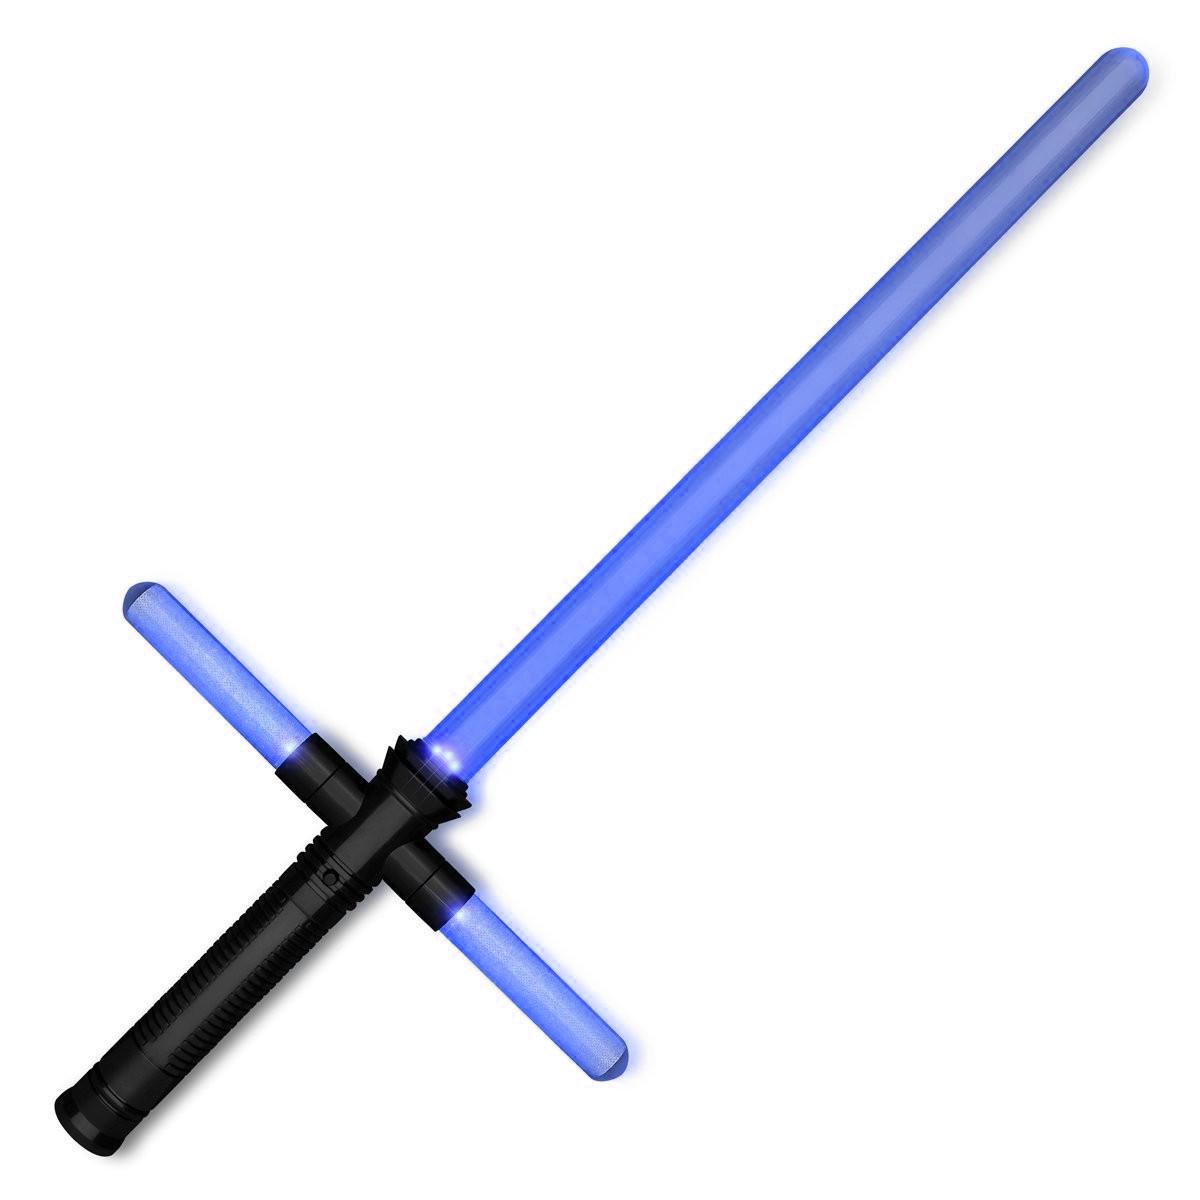 Star Wars Cross Guard Lightsaber Blue Magic Matt S